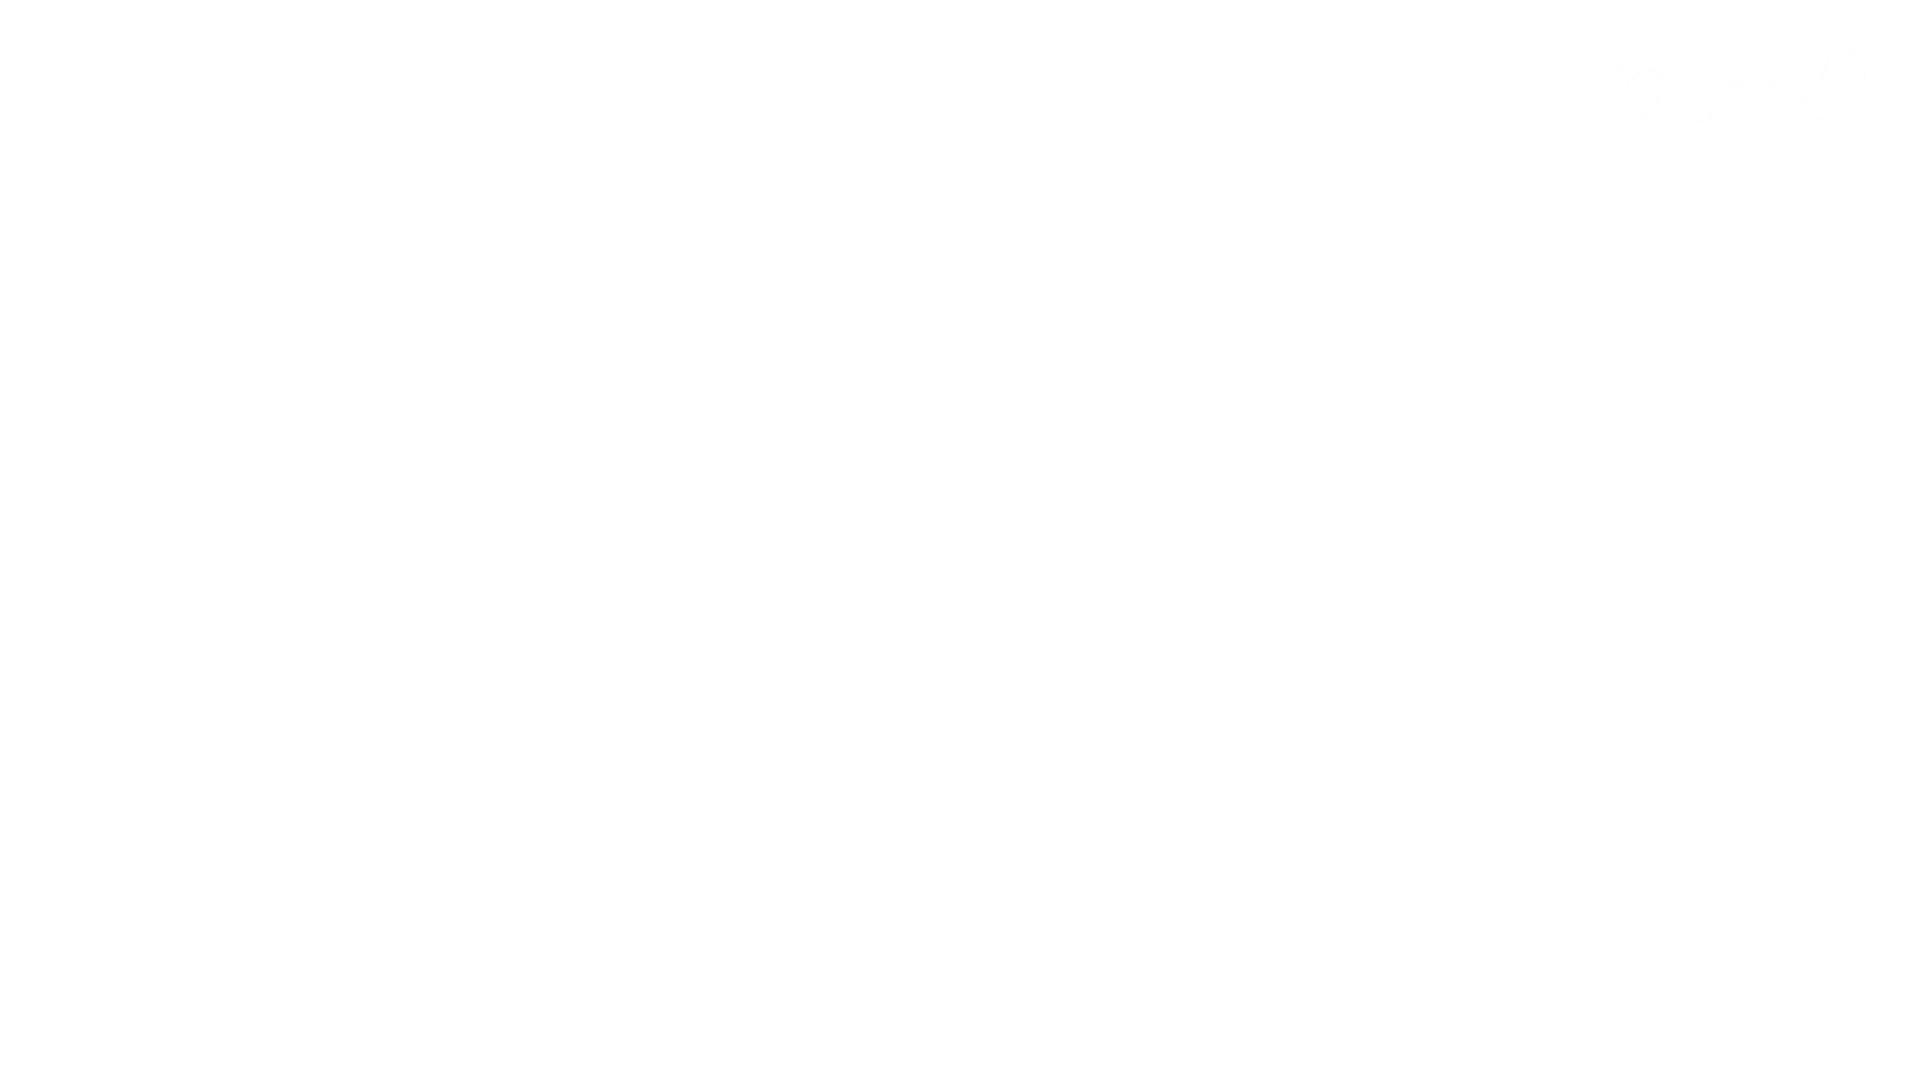 ▲復活限定▲ハイビジョン 盗神伝 Vol.21 OLハメ撮り  101Pix 53